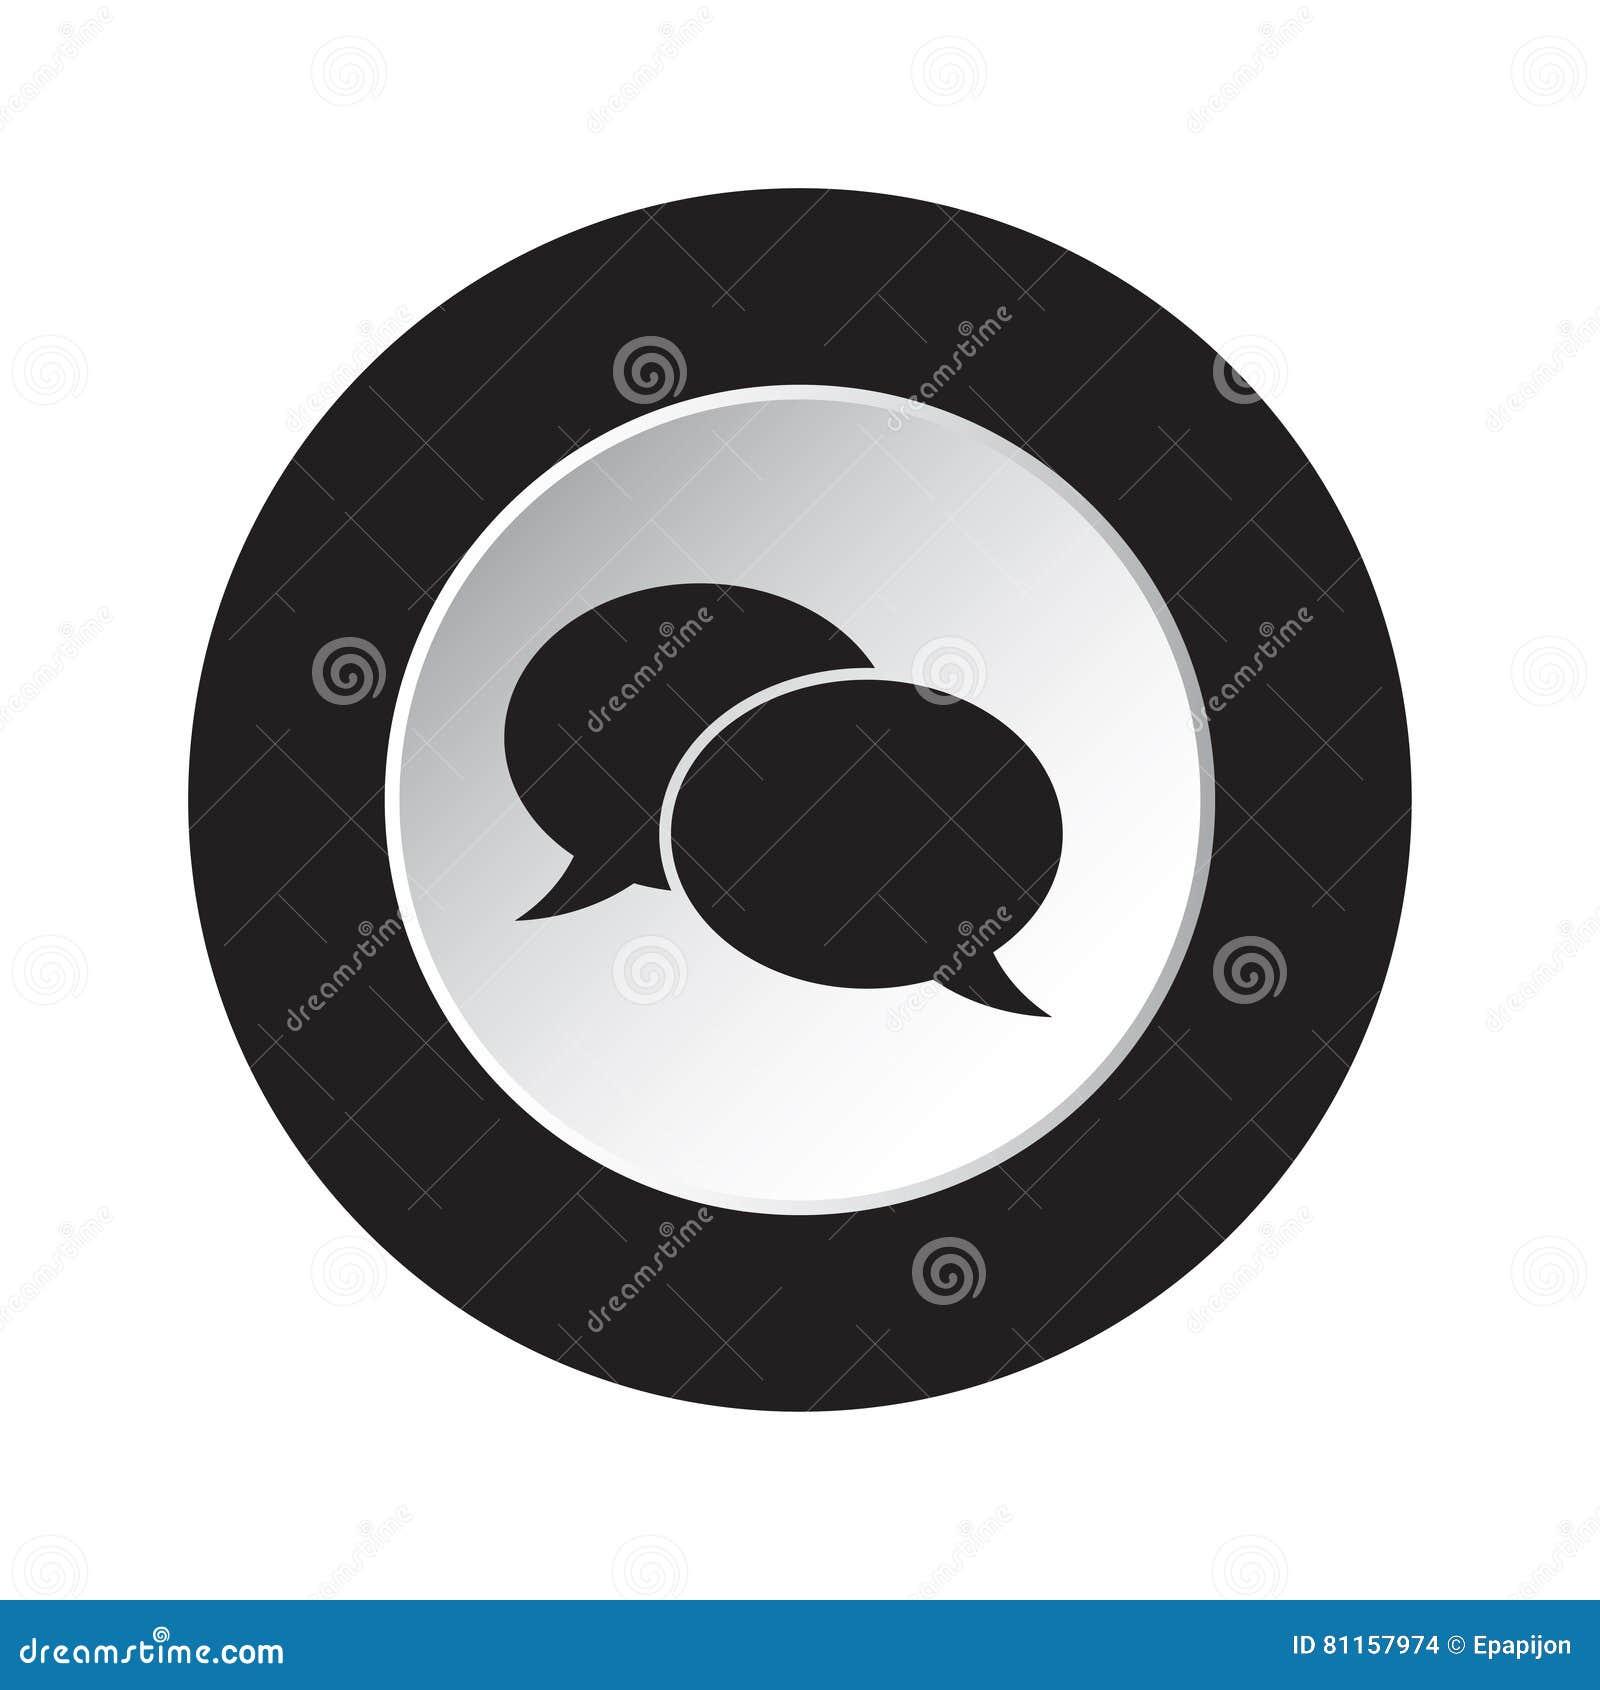 Round czarny i biały guzik - mowa gulgocze ikonę